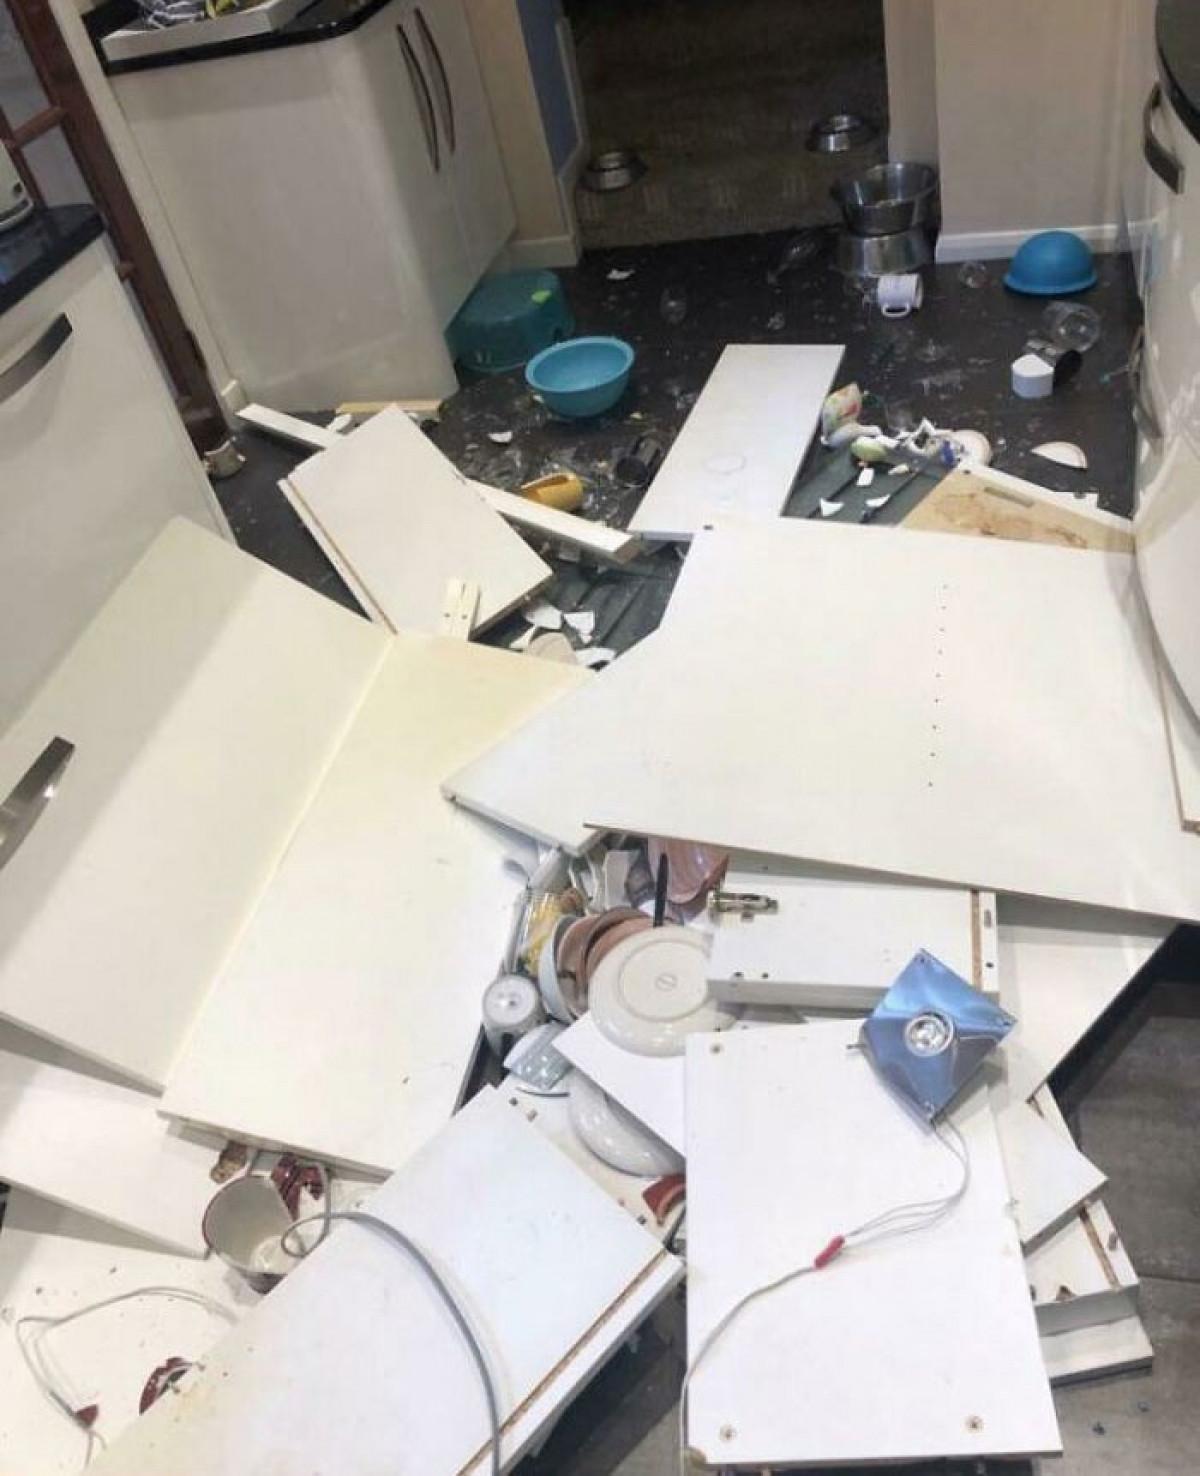 3 giờ sáng và tủ bếp nhà tôi bị rơi.